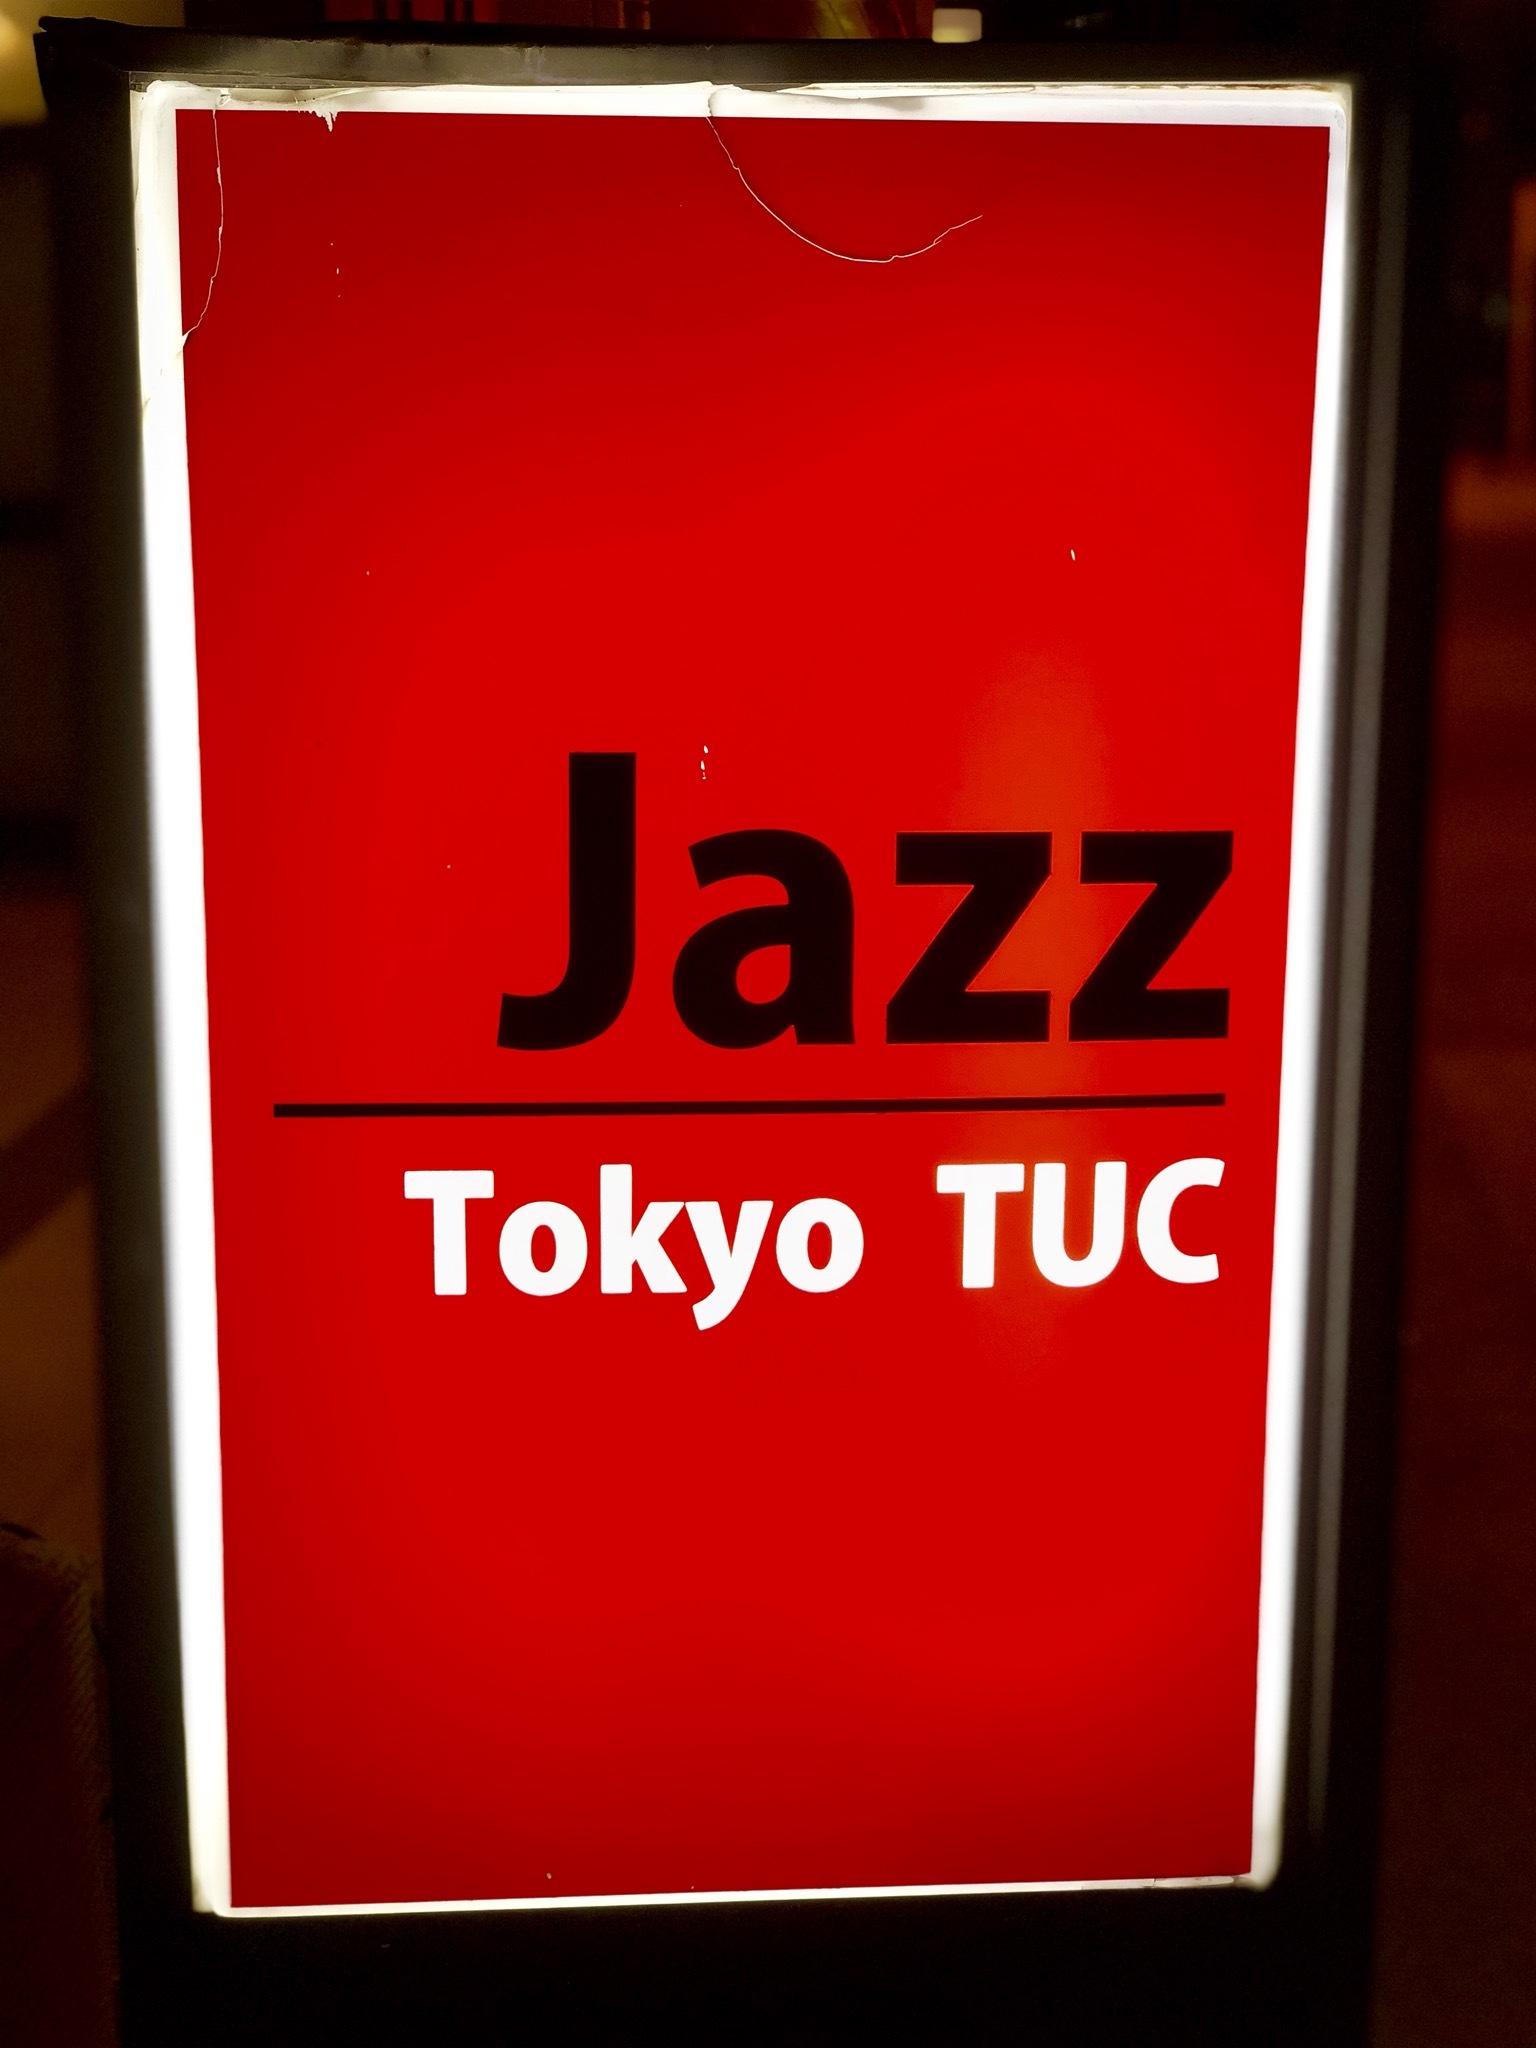 12/30(日)TUCスペシャルコンサートへ_a0103940_20241405.jpeg